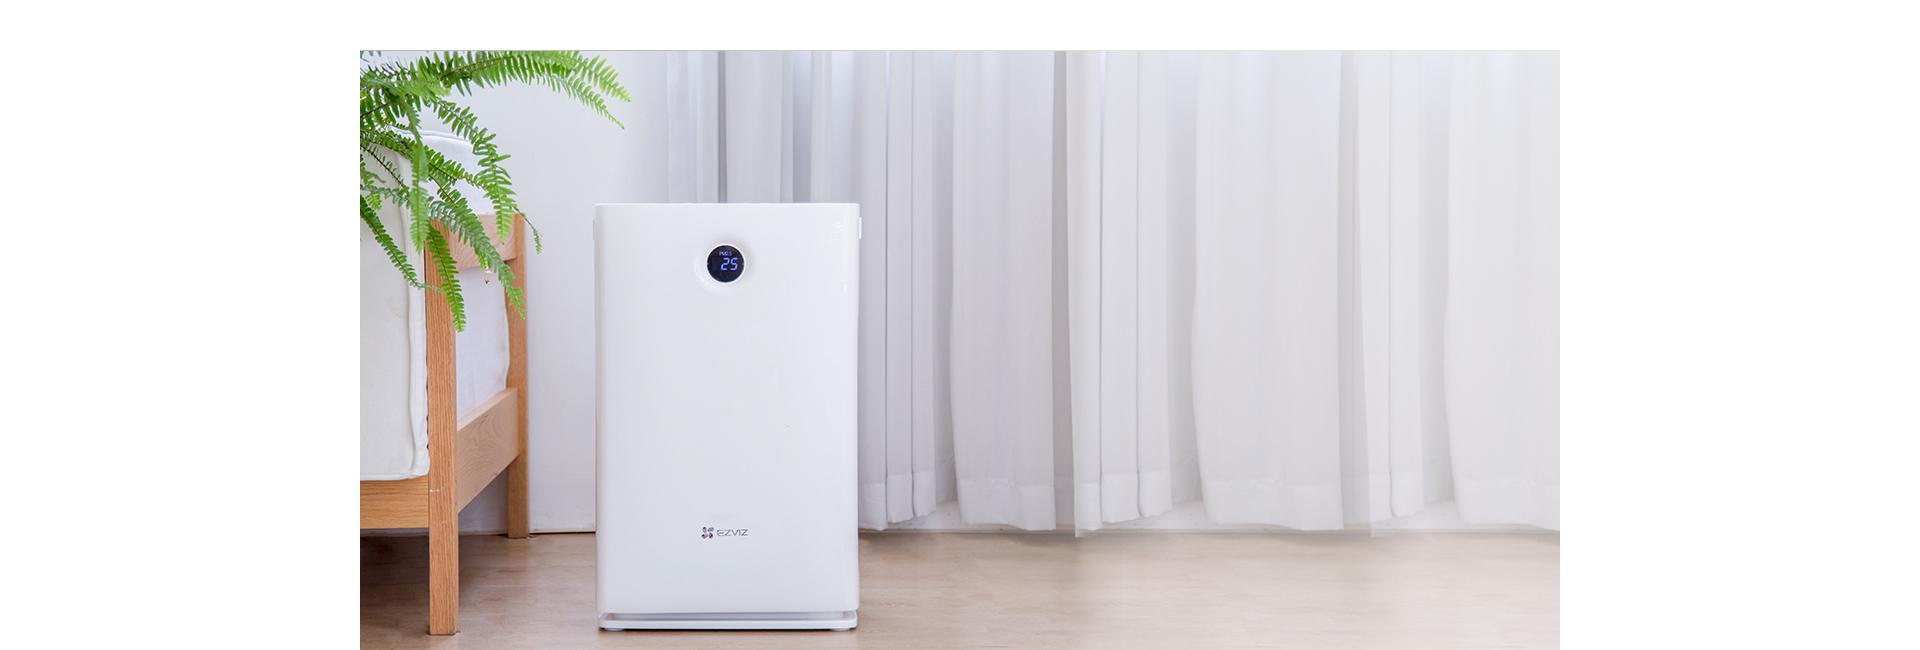 EZVIZ UV-C Air Purifier 7